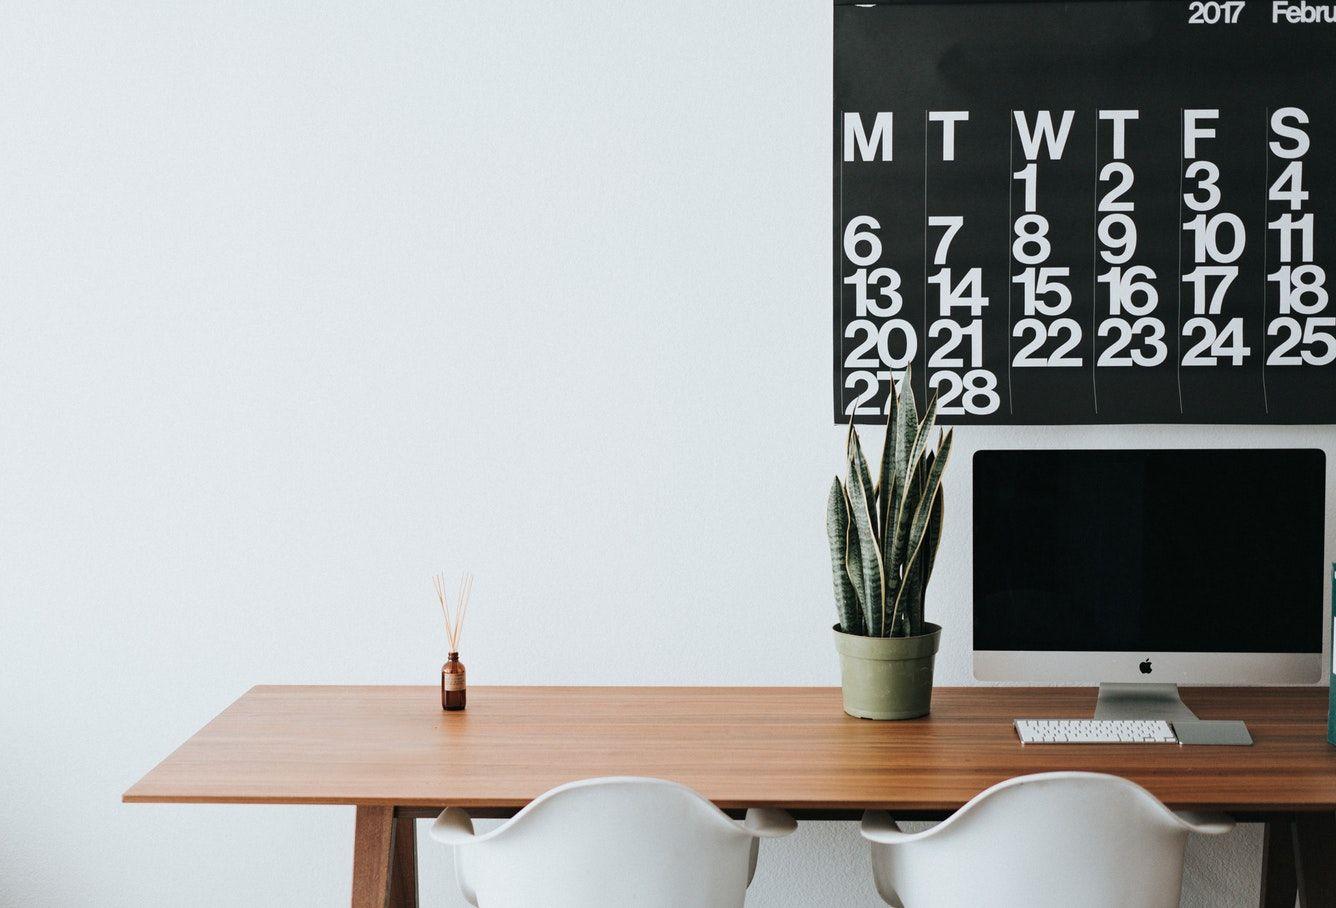 Il est temps de mettre vos offres d'emploi à jour sur votre site carrière !